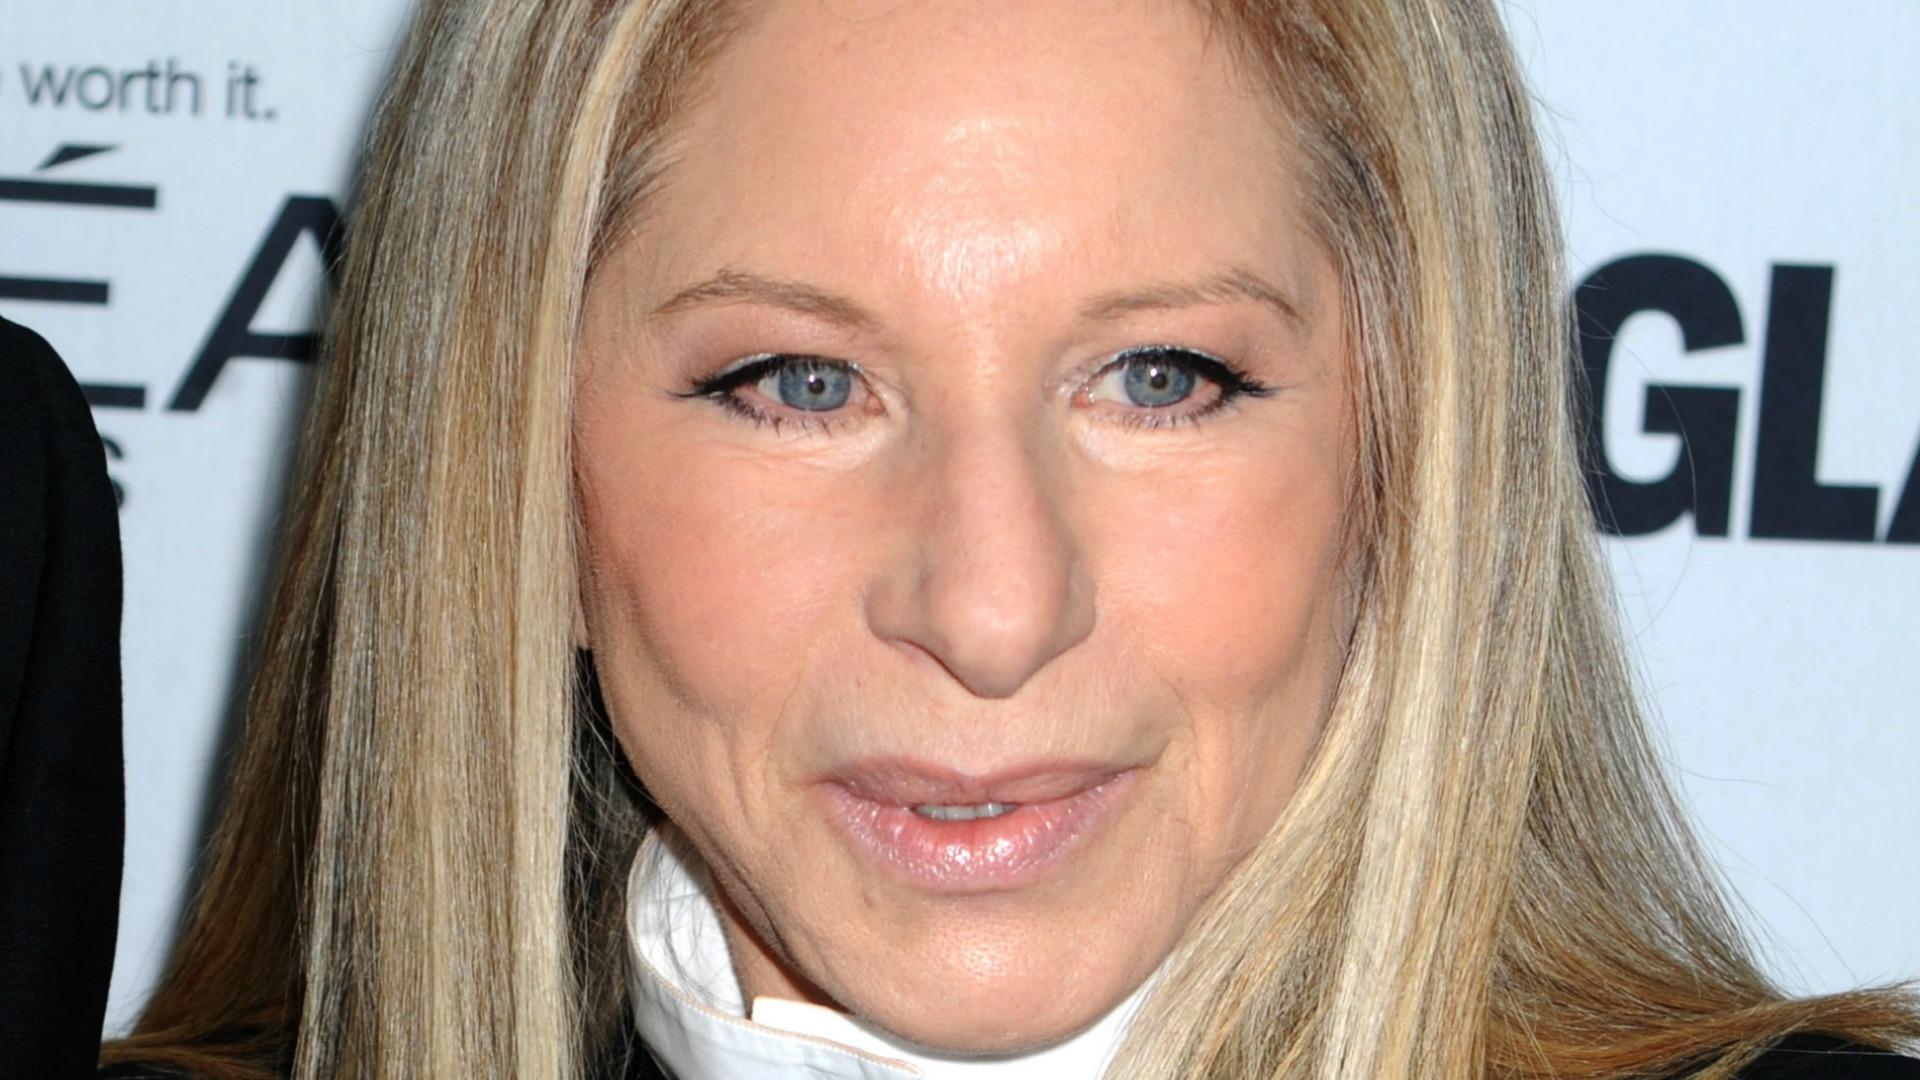 Playwright Larry Kramer slams Barbra Streisand for finding gay love scenes distasteful